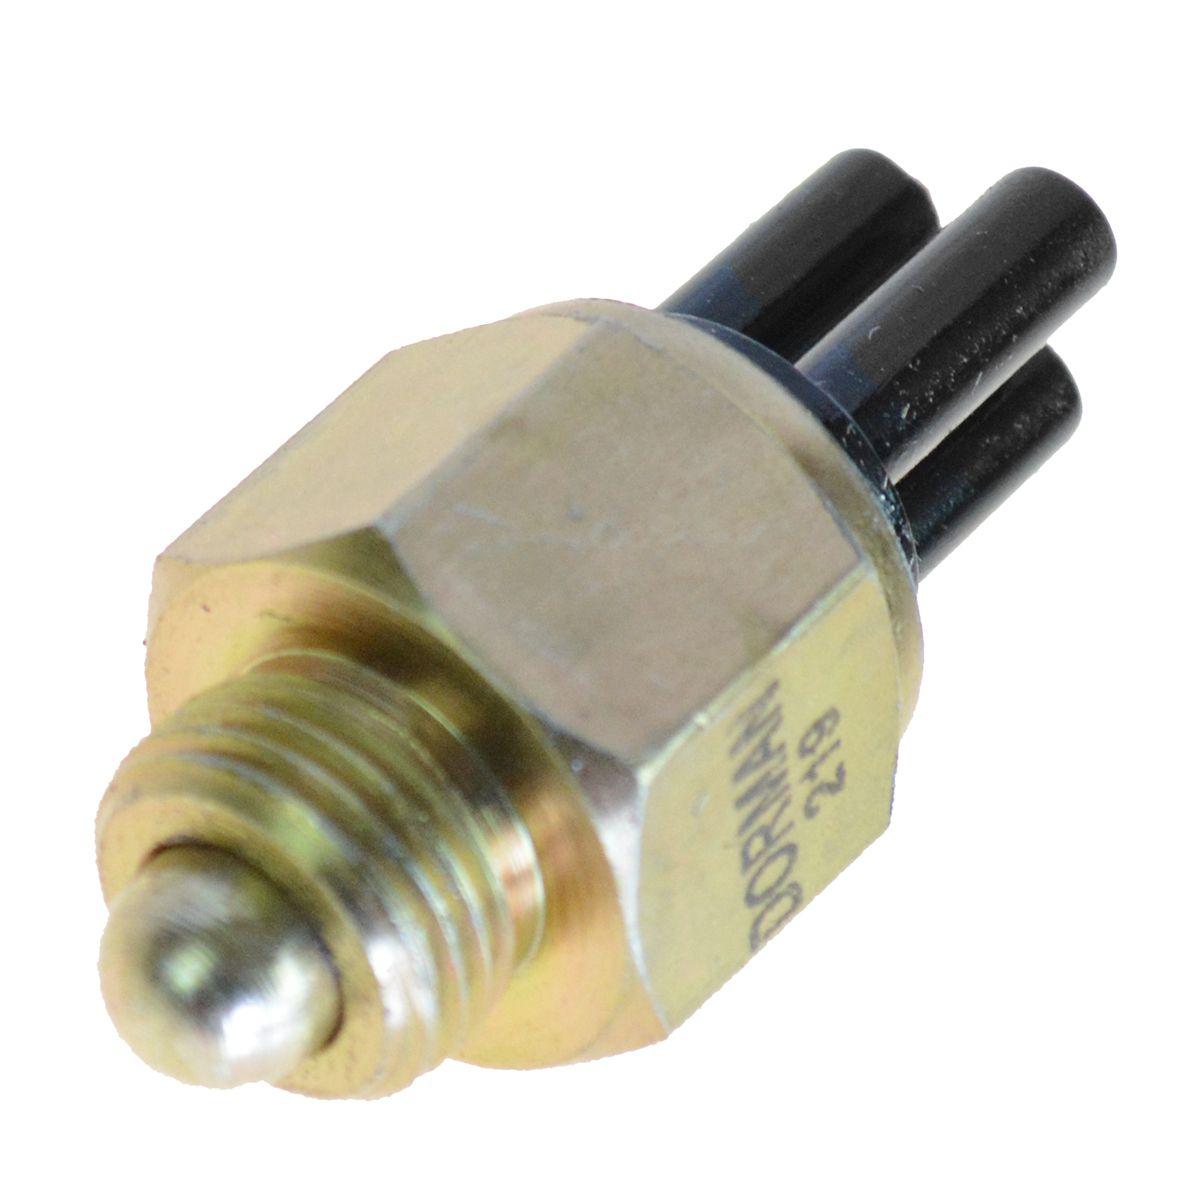 transfer case vacuum switch for chevy s10 blazer gmc sonoma olds rh ebay com Chevy Blazer Transfer Case Diagram 1980 Chevy Blazer Transfer Case